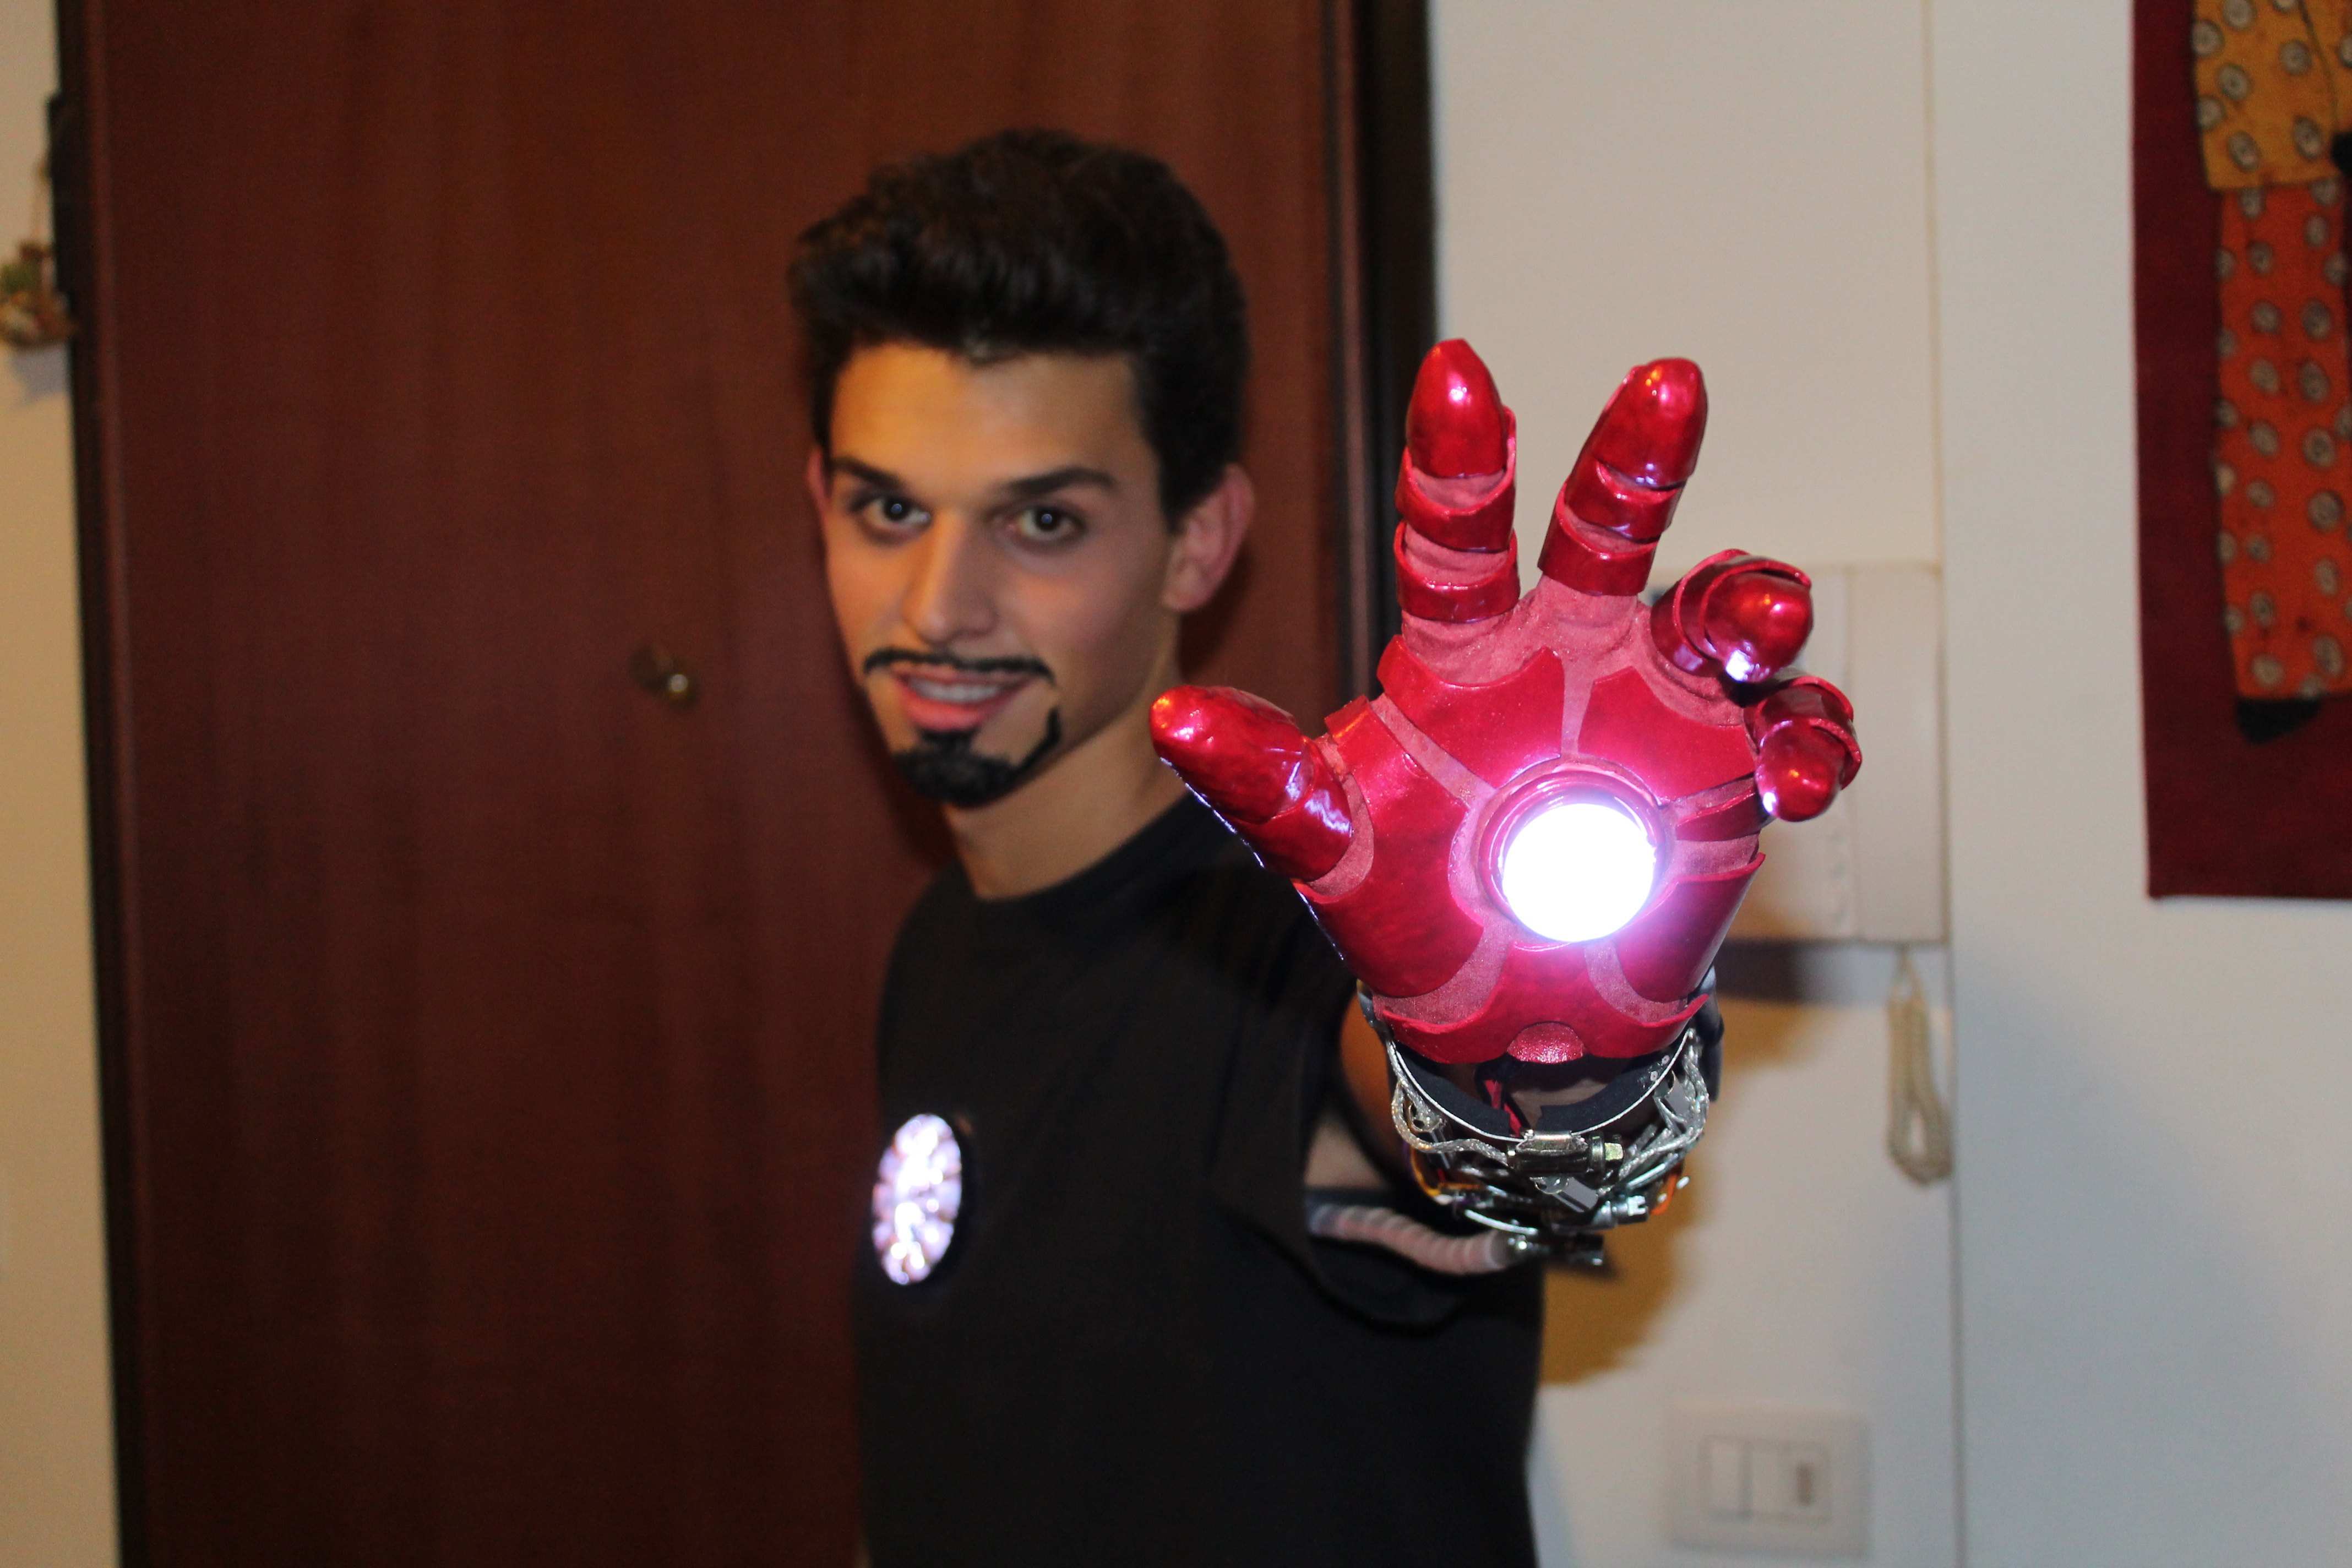 Tony Stark Halloween Costume.Iron Man Glove Halloween Costume By Tonystarkitaly On Deviantart